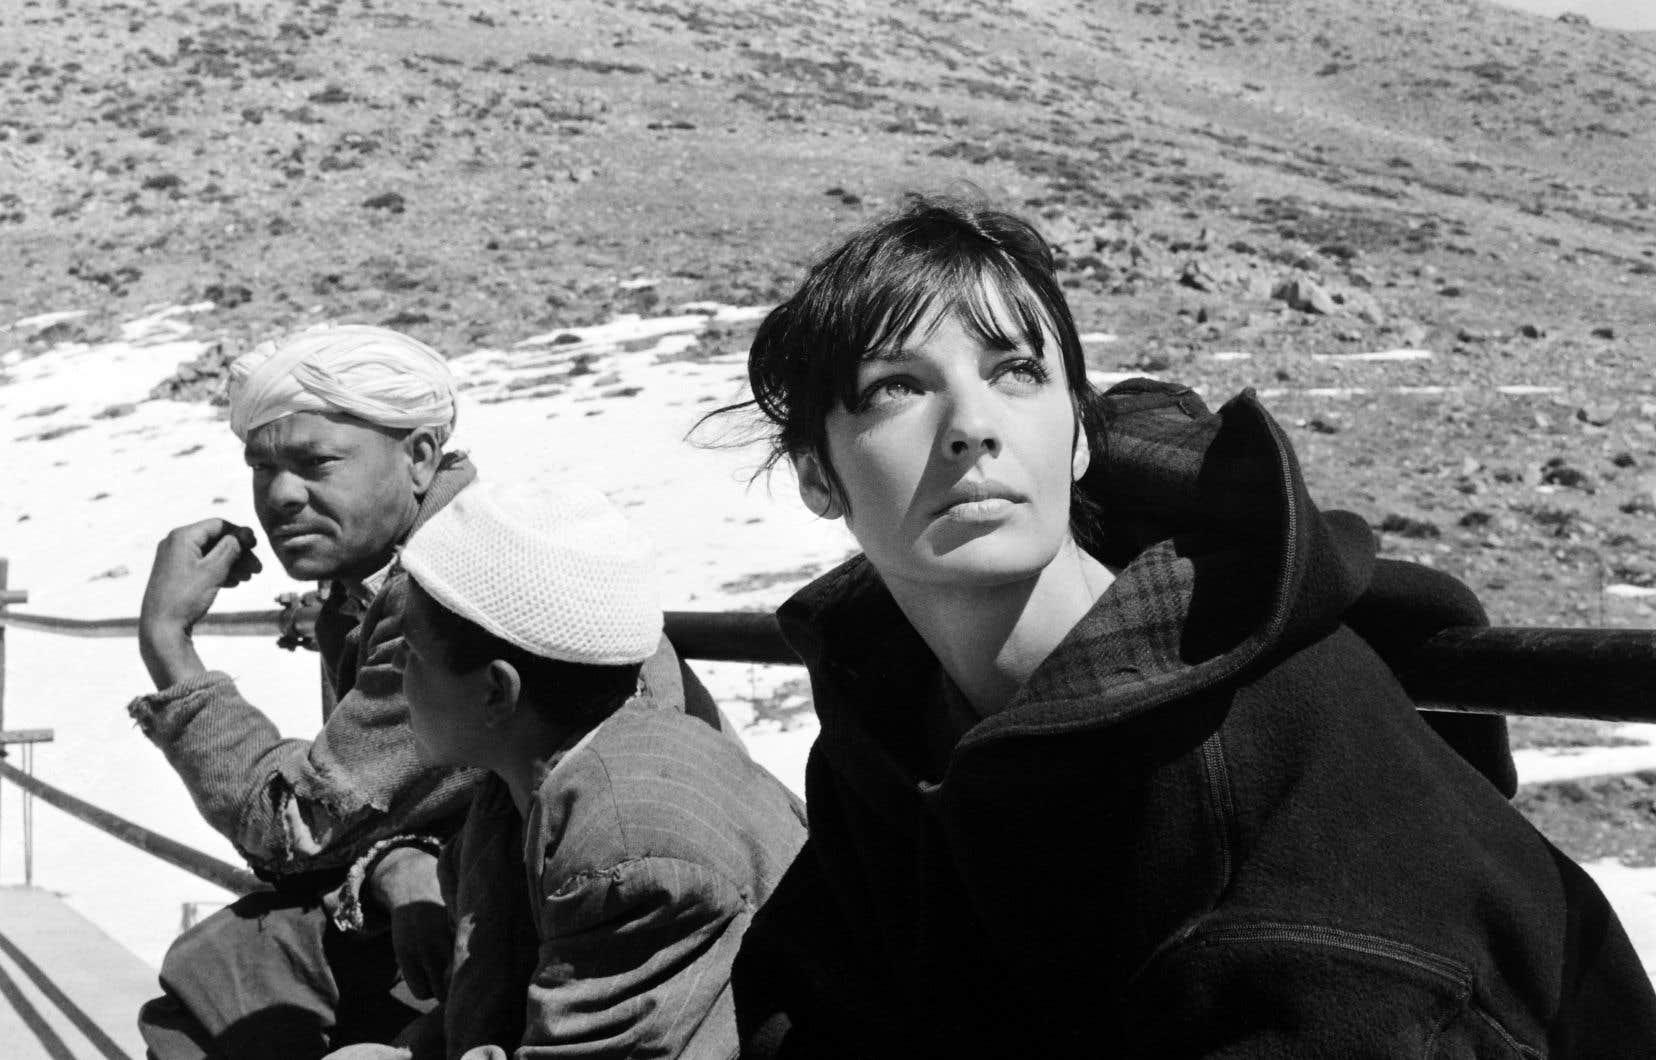 L'artiste surnommée «la fille aux yeux d'or», ici sur le tournage de «Marie-Chantal contre le docteur Kha» de Claude Chabrol, en 1965, a joué dans 35 films, et vendu plus de 35millions d'albums. Elle s'est éteinte samedi en Suisse.